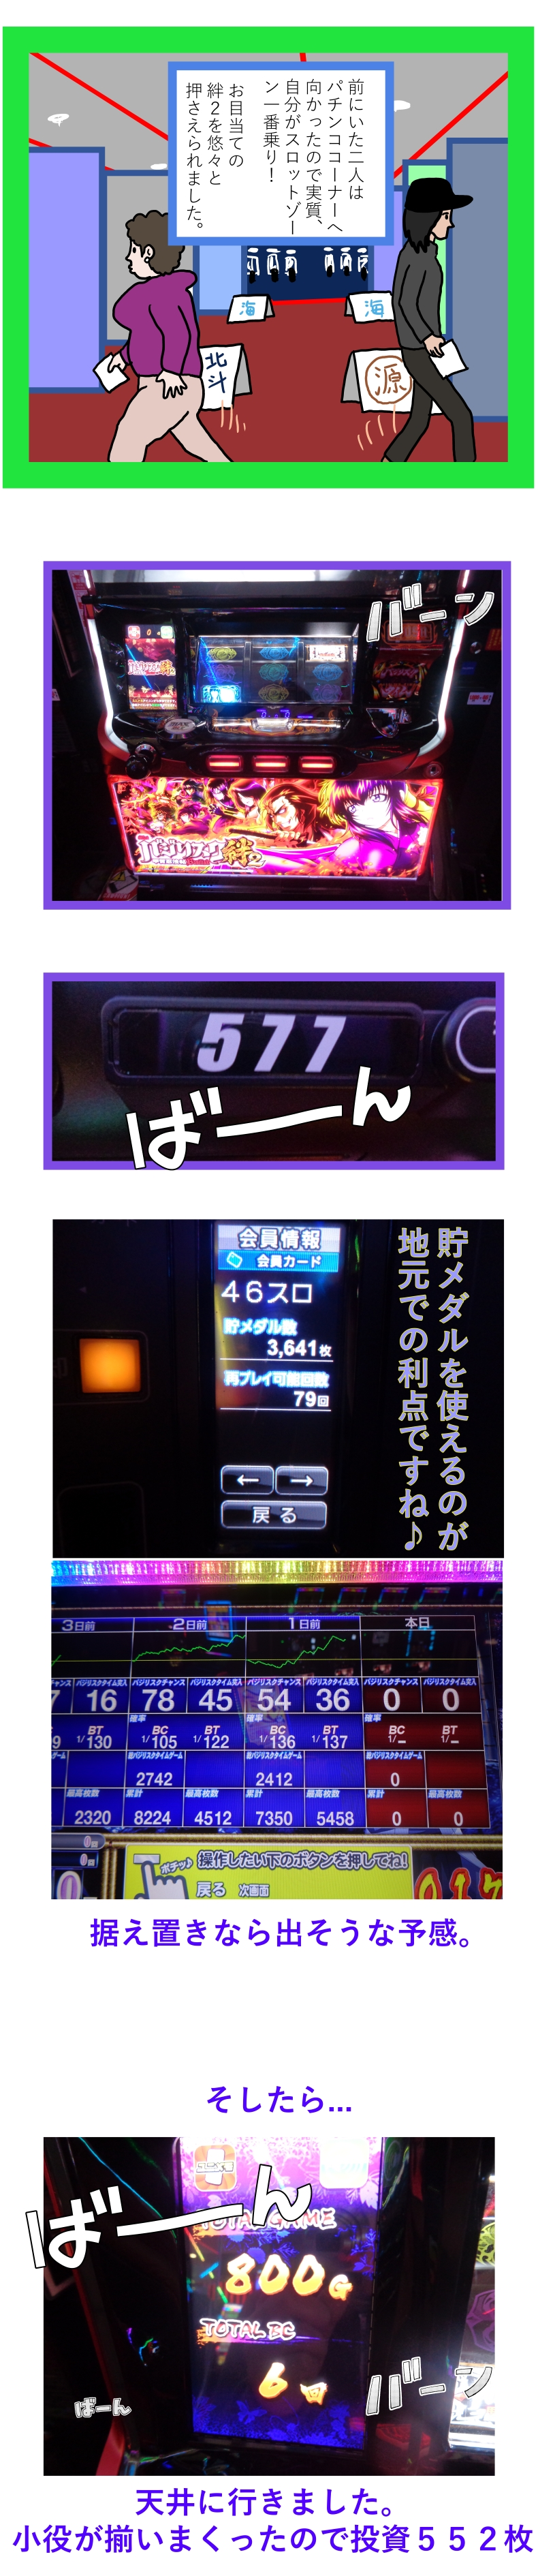 ステーション 上田 ディー